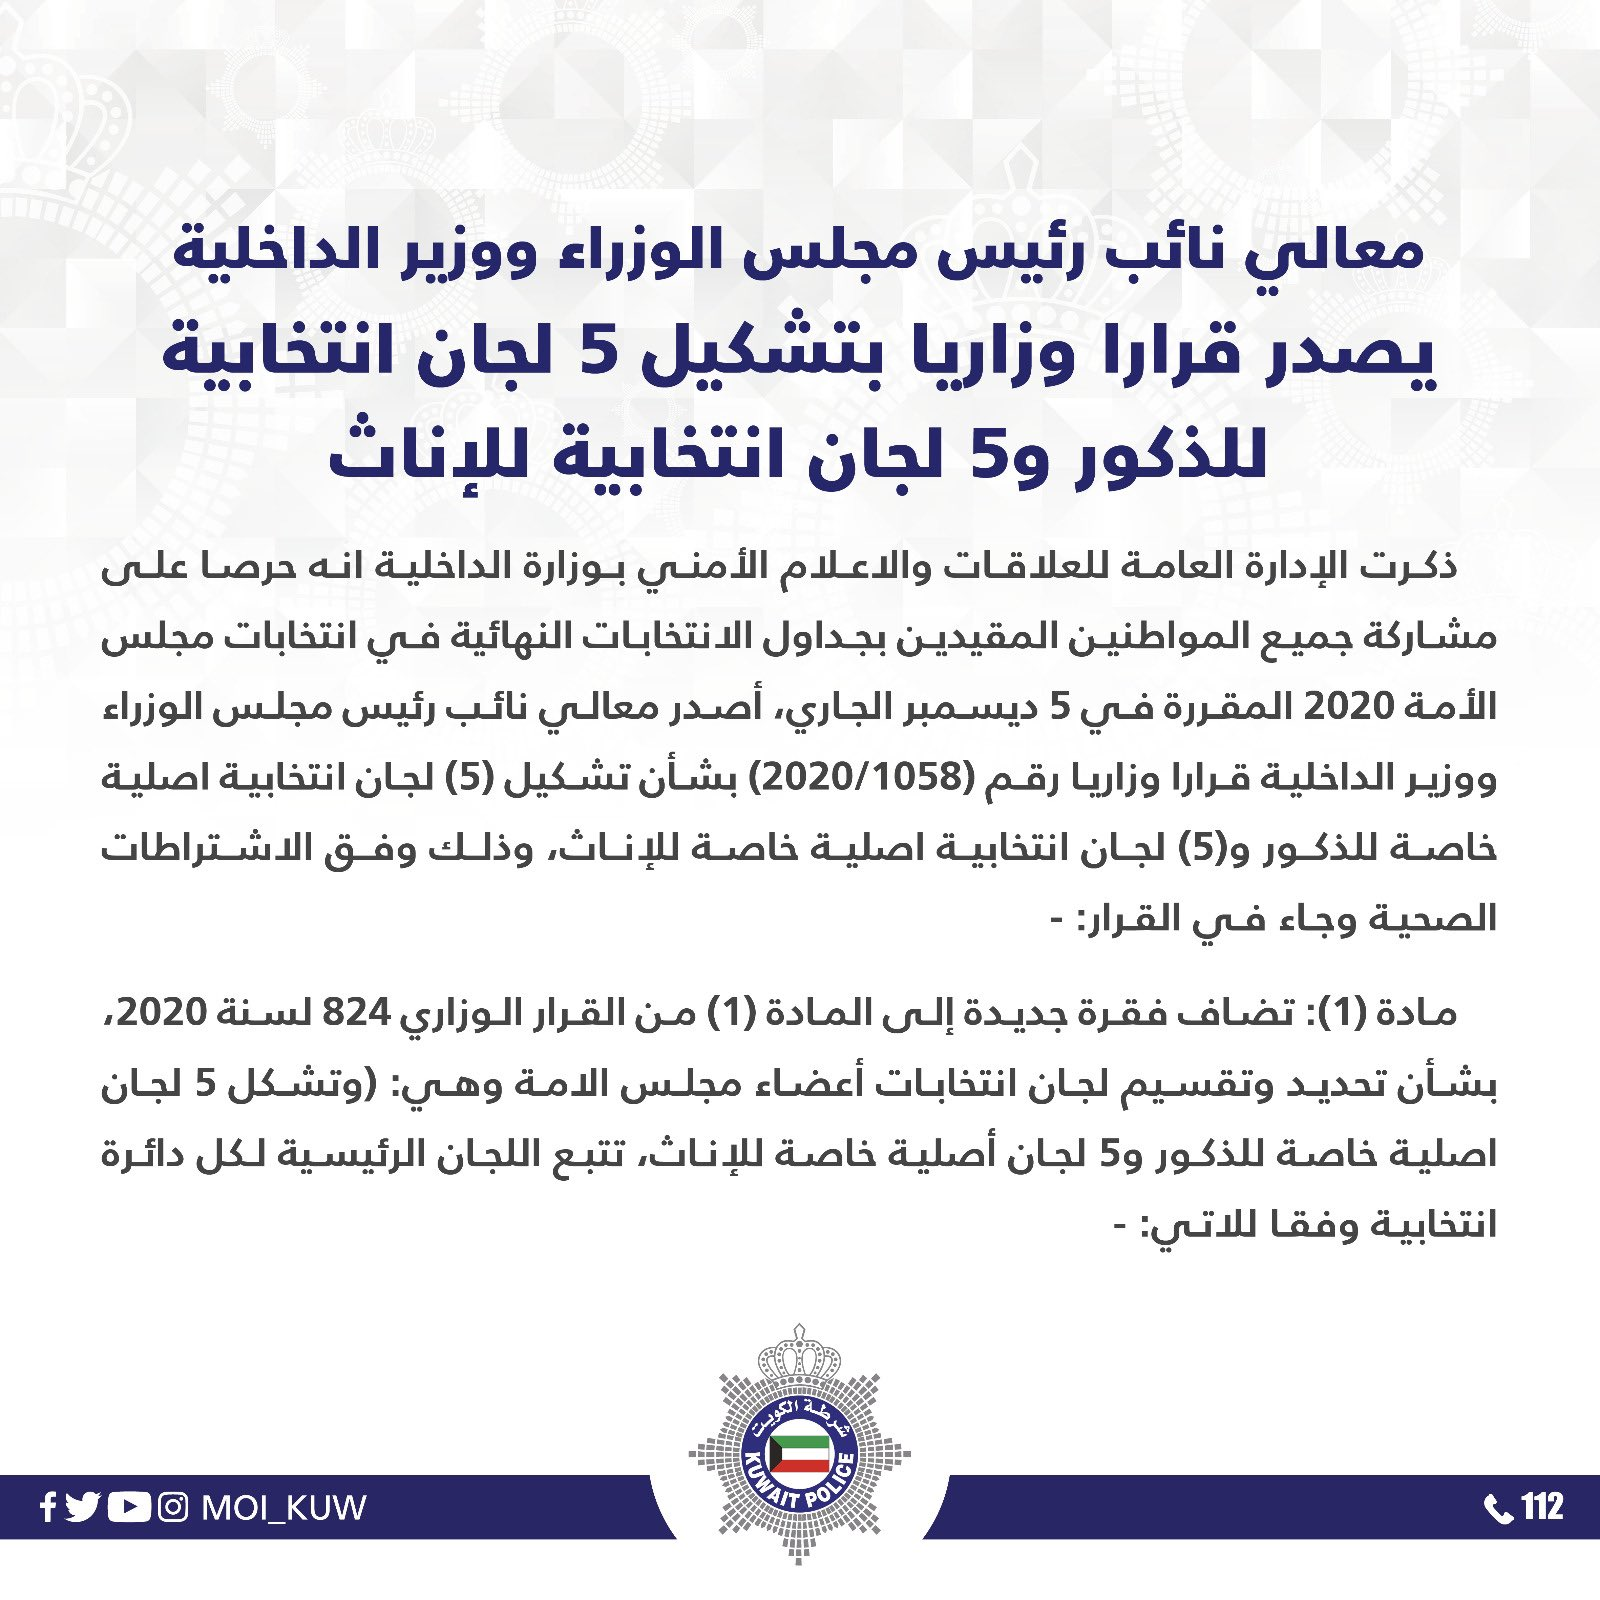 ٢٠٢٠١٢٠٢ ١٤٠٩٤٧ - تشكيل 5 لجان انتخابية للذكور و 5 لجان انتخابي للإناث.      #العبدلي_نيوز